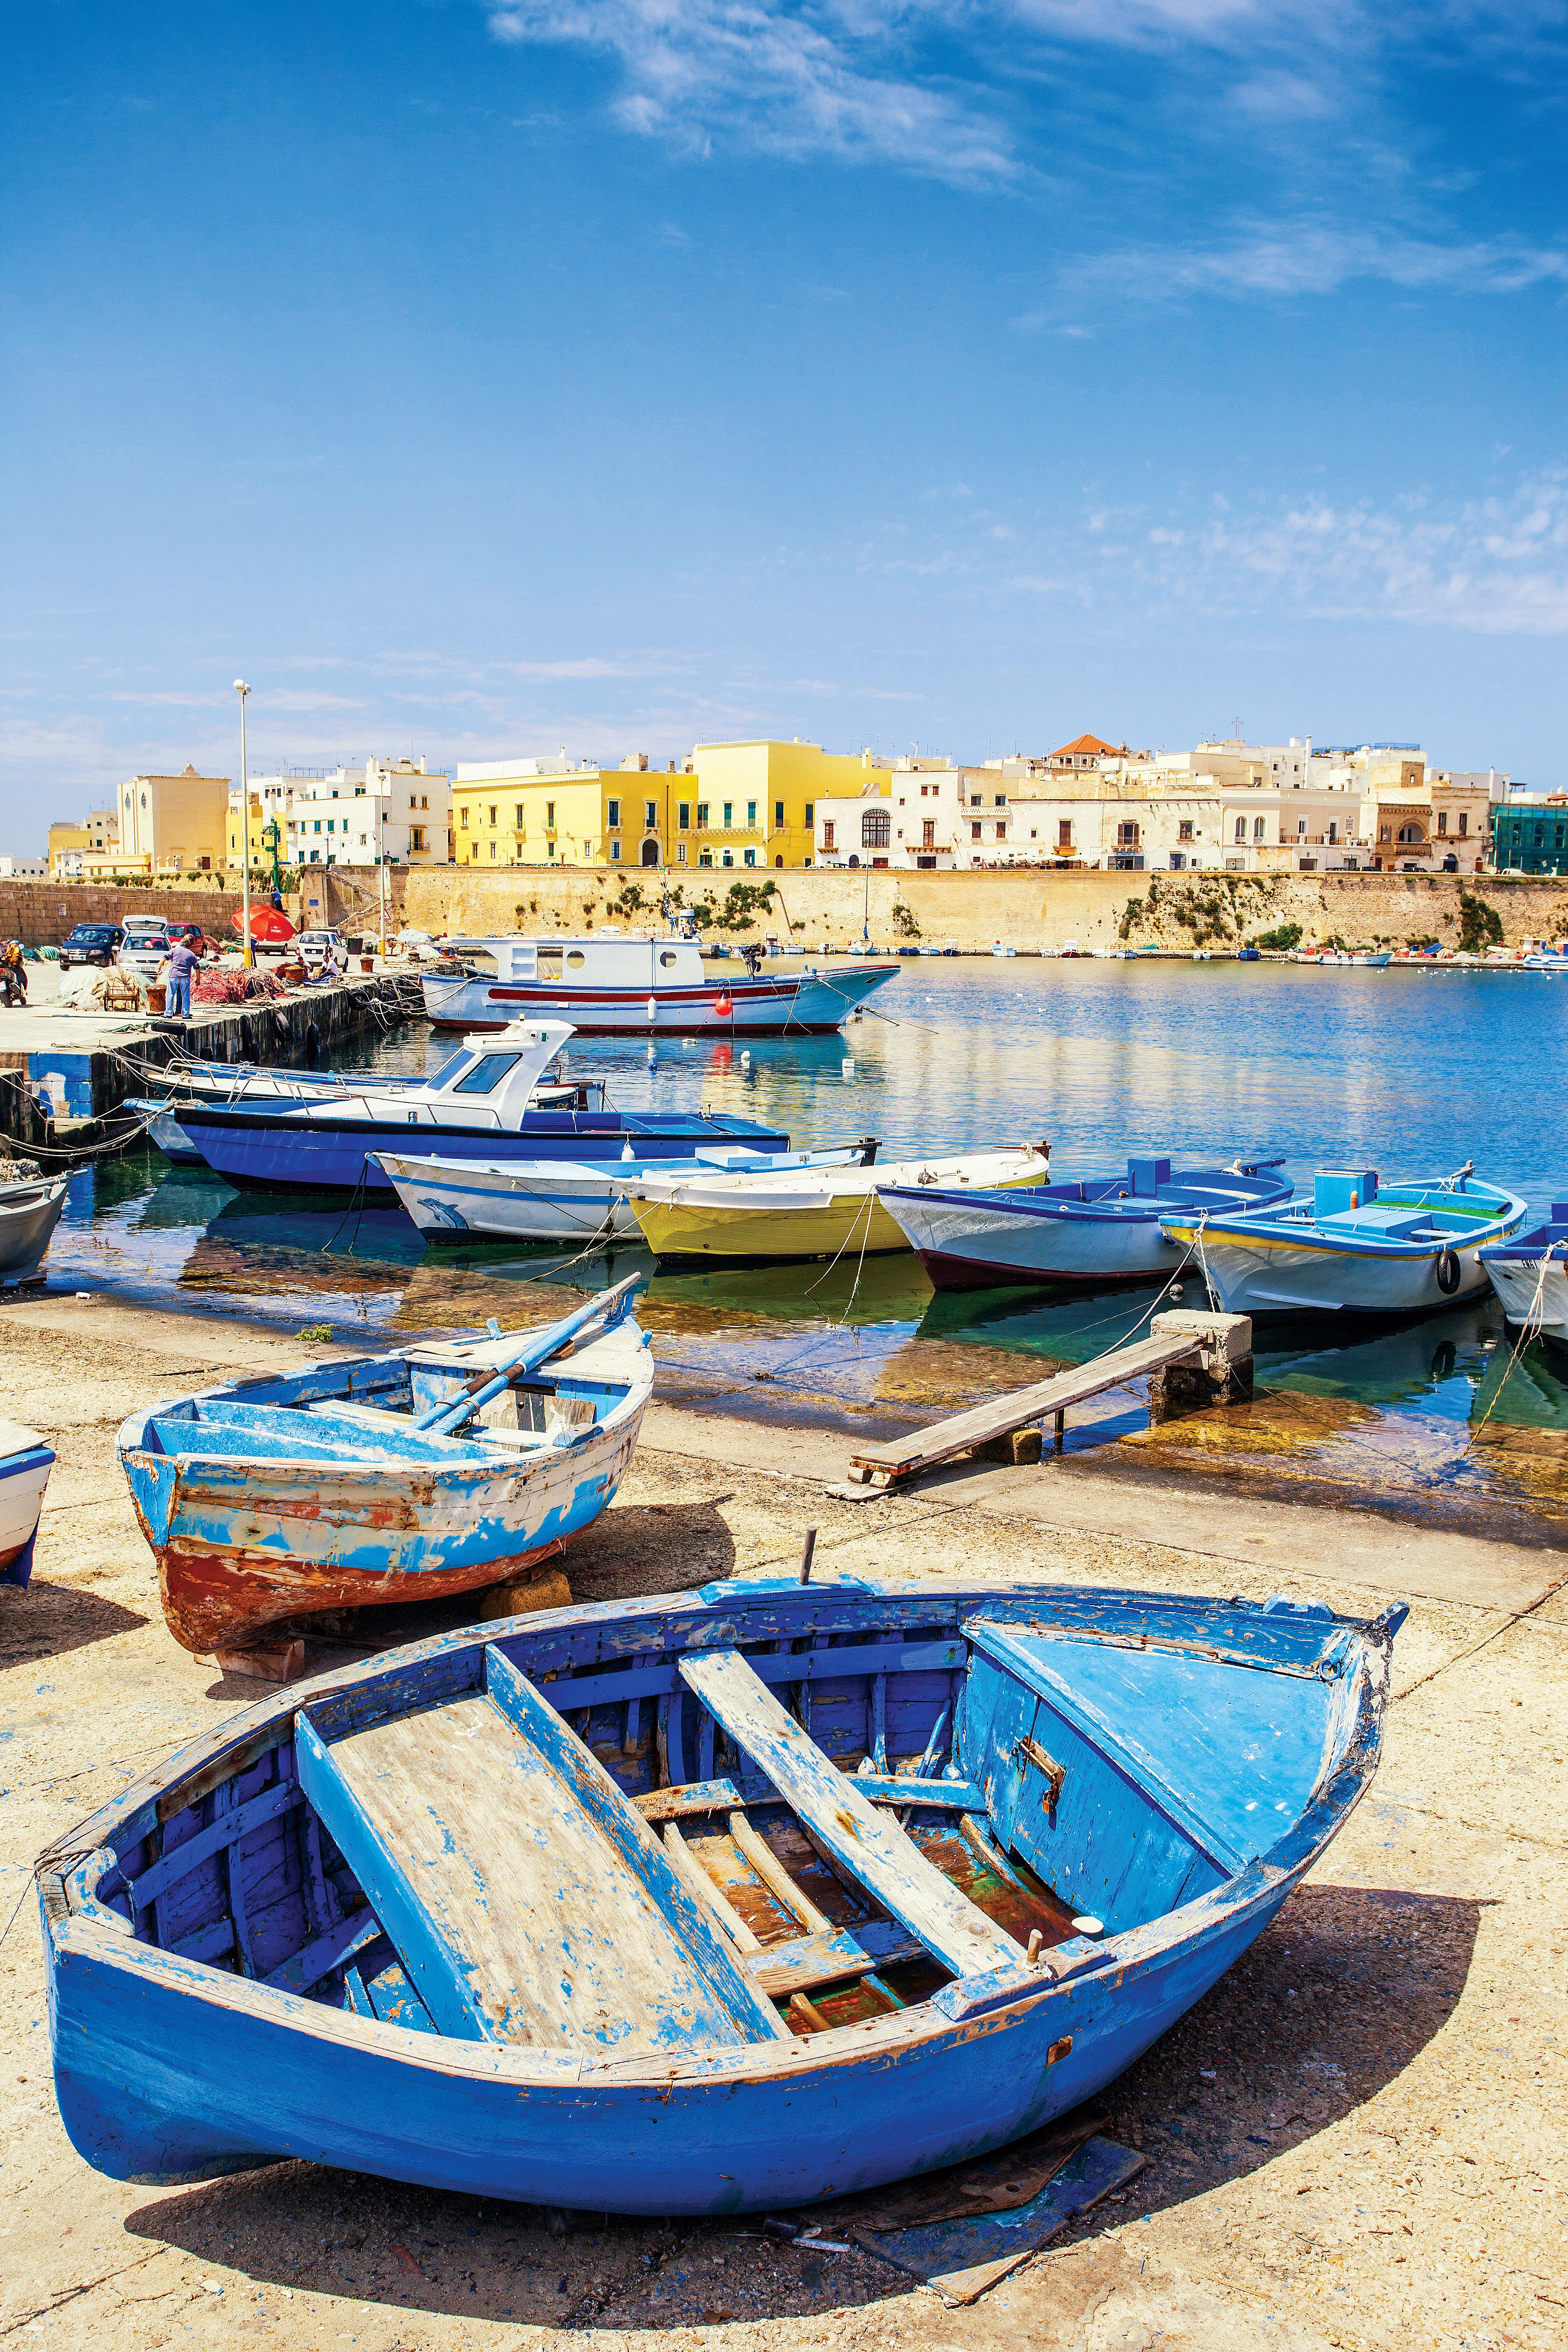 Pequenos barquinhos ancorados em um pequeno porto. Ao fundo, a fortaleza à beira-mar